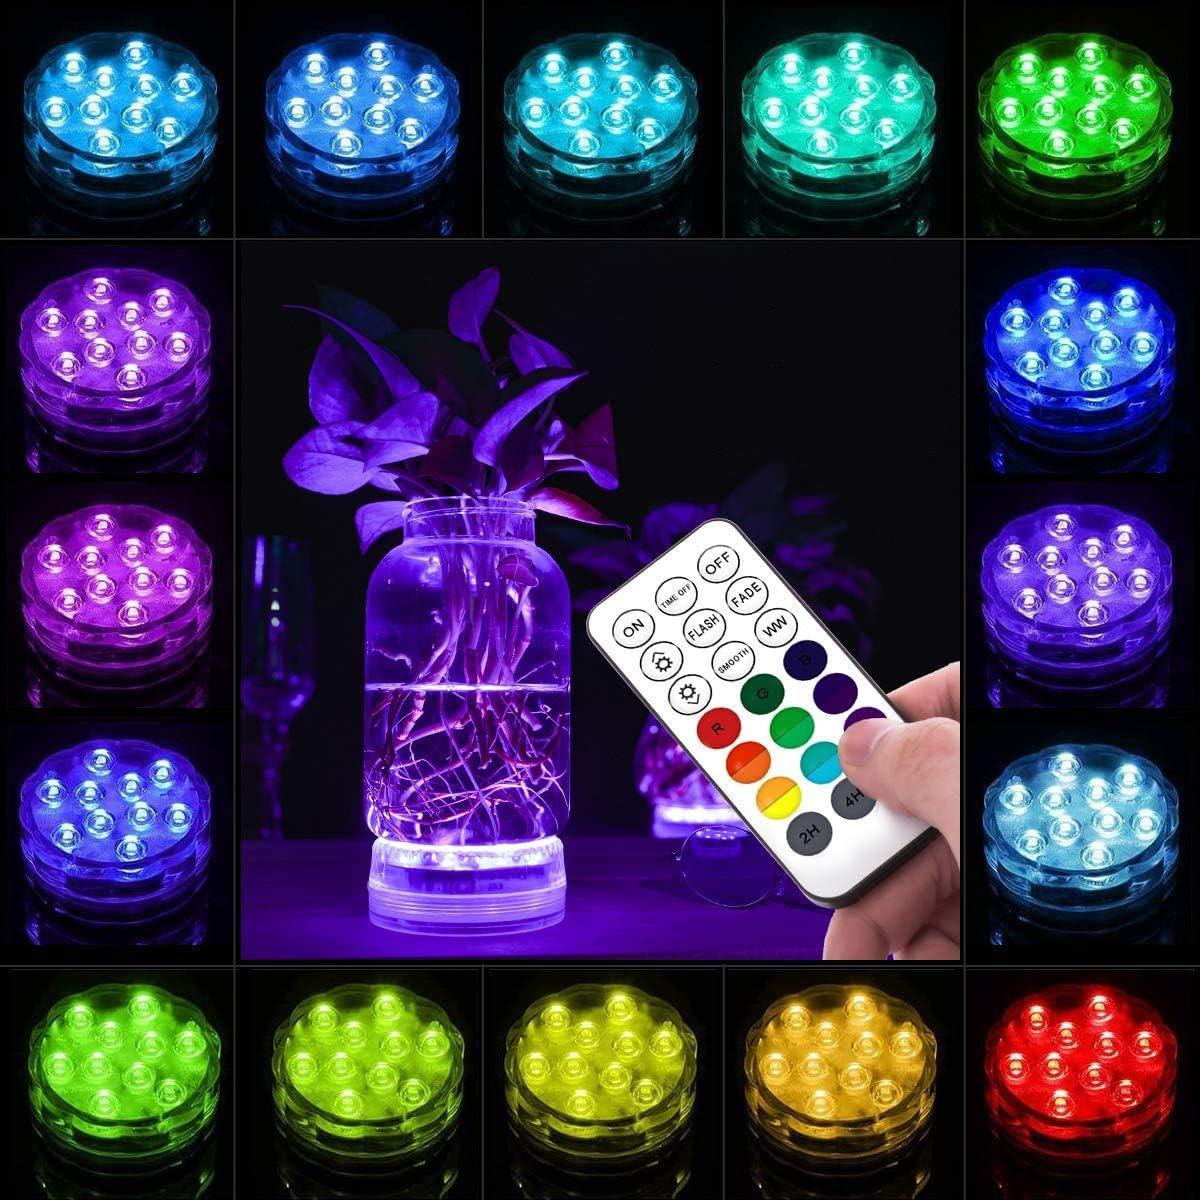 2 St/ück LOFTEK Unterwasser Led Pool Licht RGB Farbwechsel wasserdichte Poolbeleuchtung mit Fernbedienung Magnet f/ür Schwimmbad Badezimmer Brunnen Aquarium Vase Base Fest Dekoration